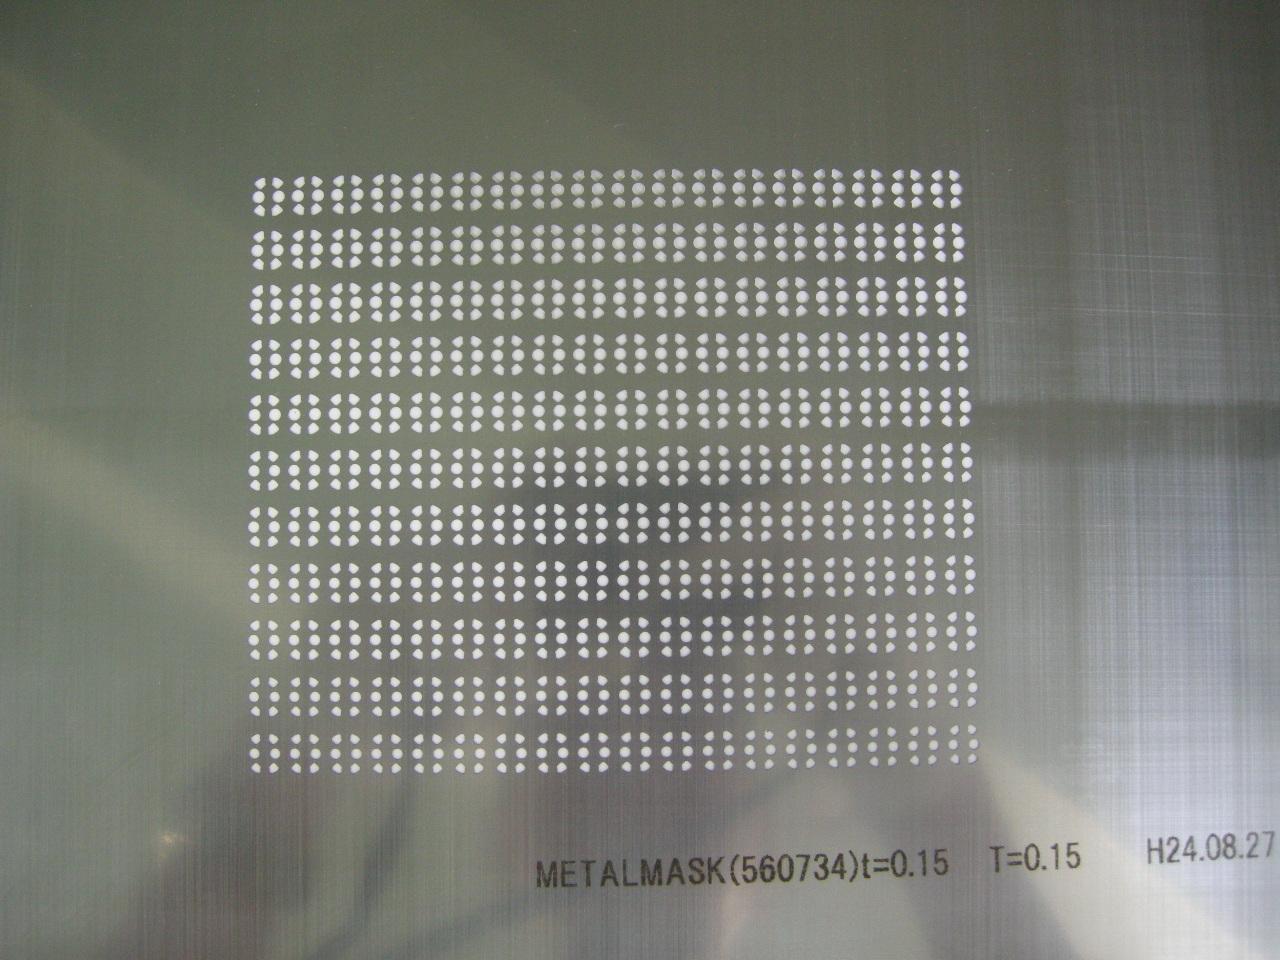 レーザーメタルマスクのイメージ